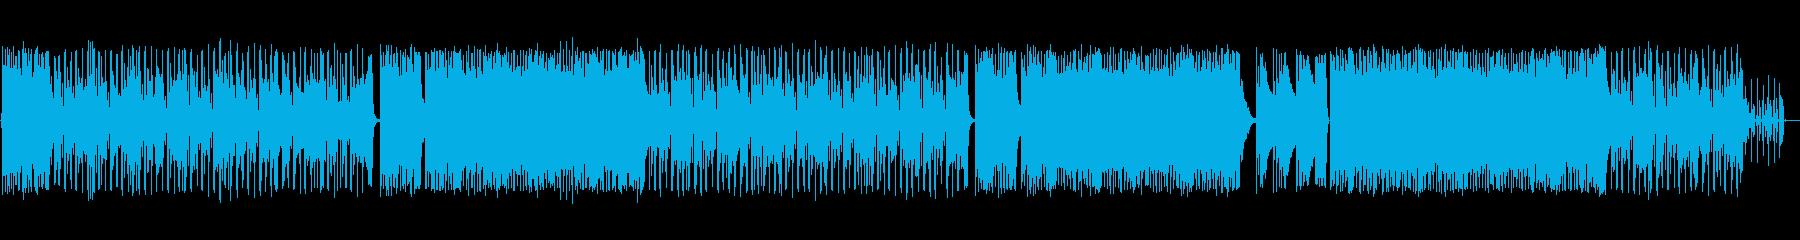 ロッキングギターと真ん中のアコース...の再生済みの波形